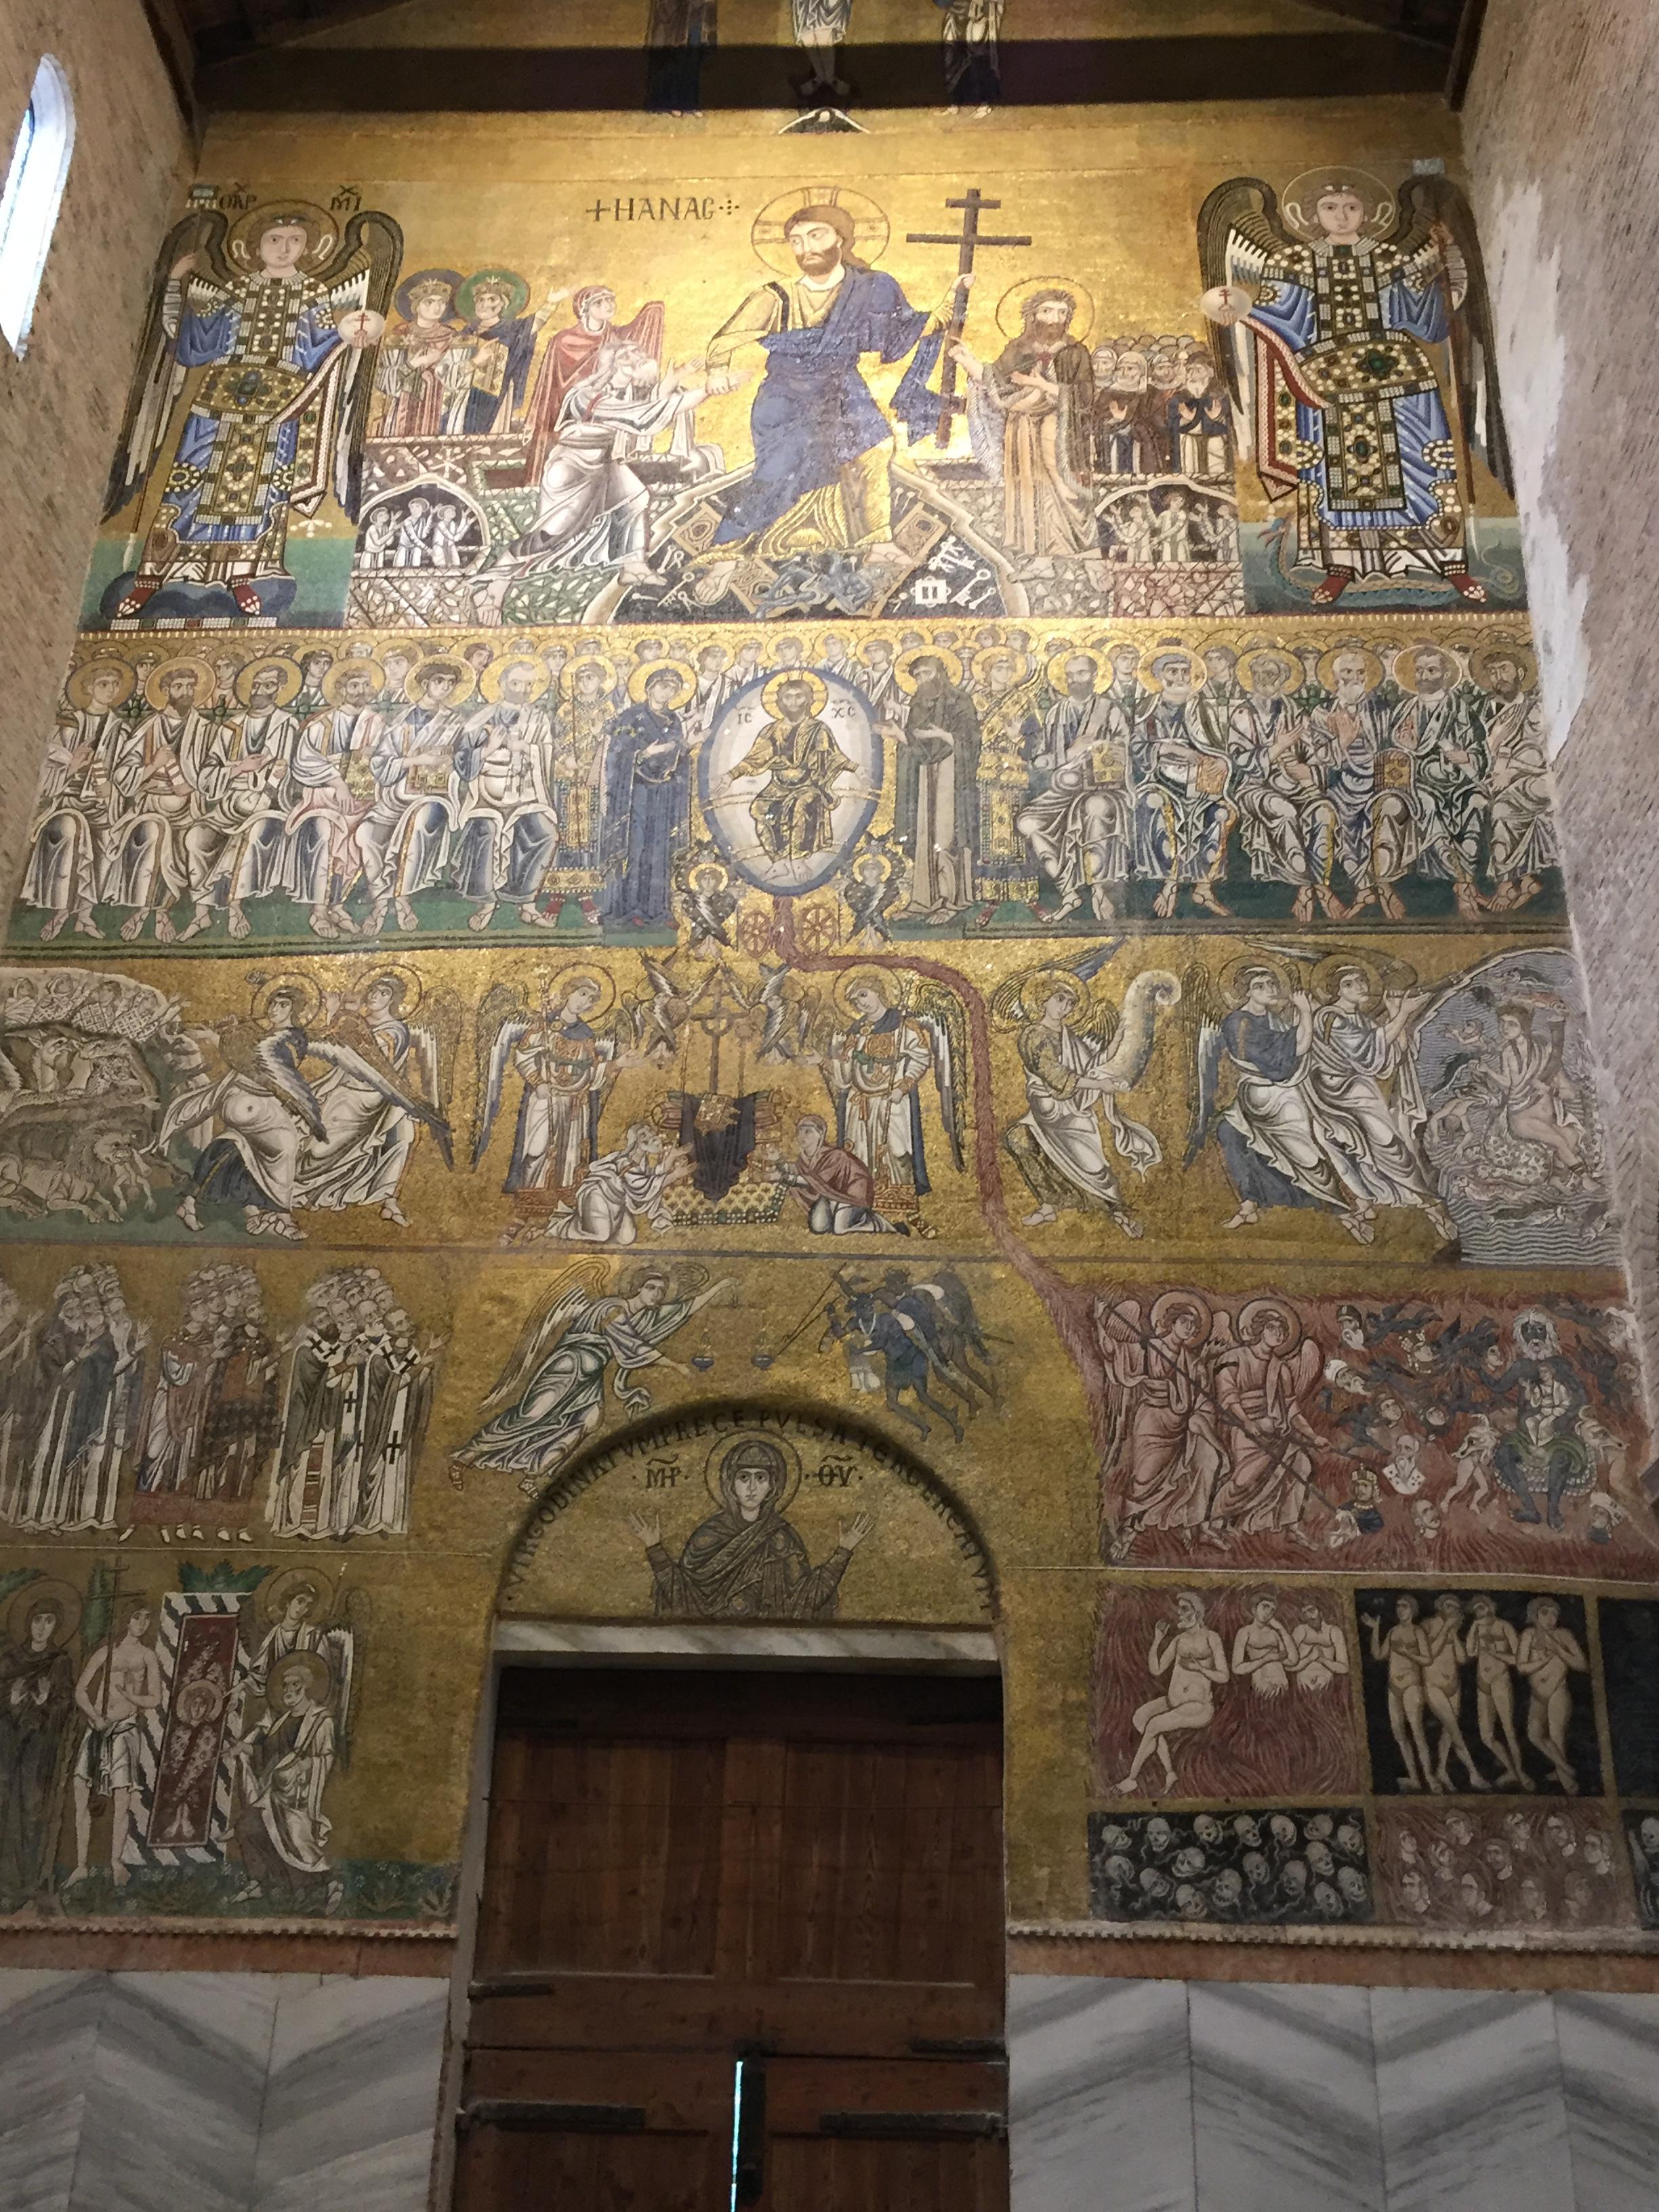 Torcello - Basilica of Santa Maria Assunta - Last Judgement Mosaic